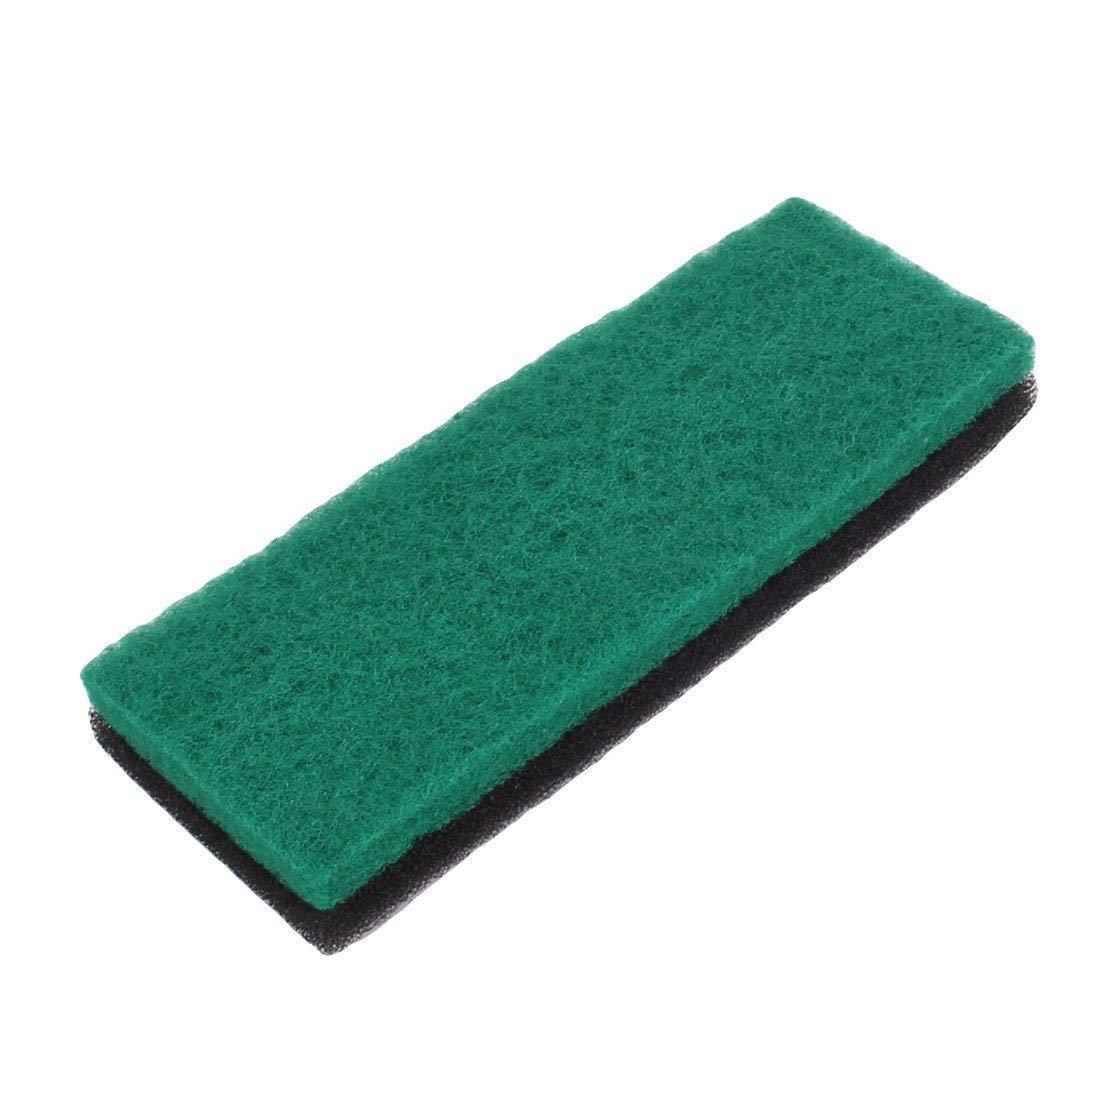 Fish Tank Square Shape Reusable Biochemical Filter Sponge 2 Pcs Black Green